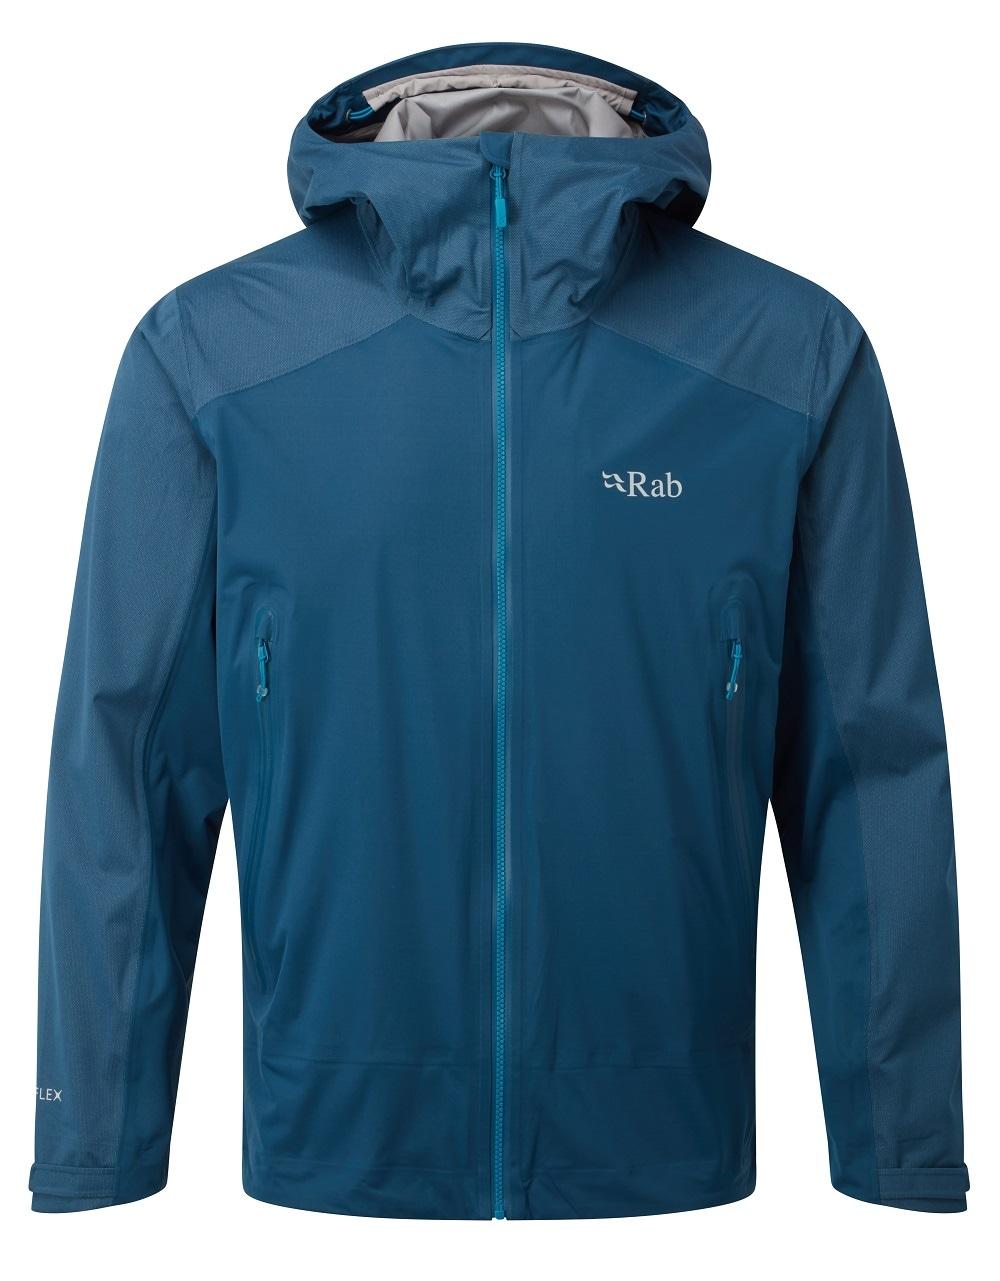 RAB Kinetic Alpine Jacket M's